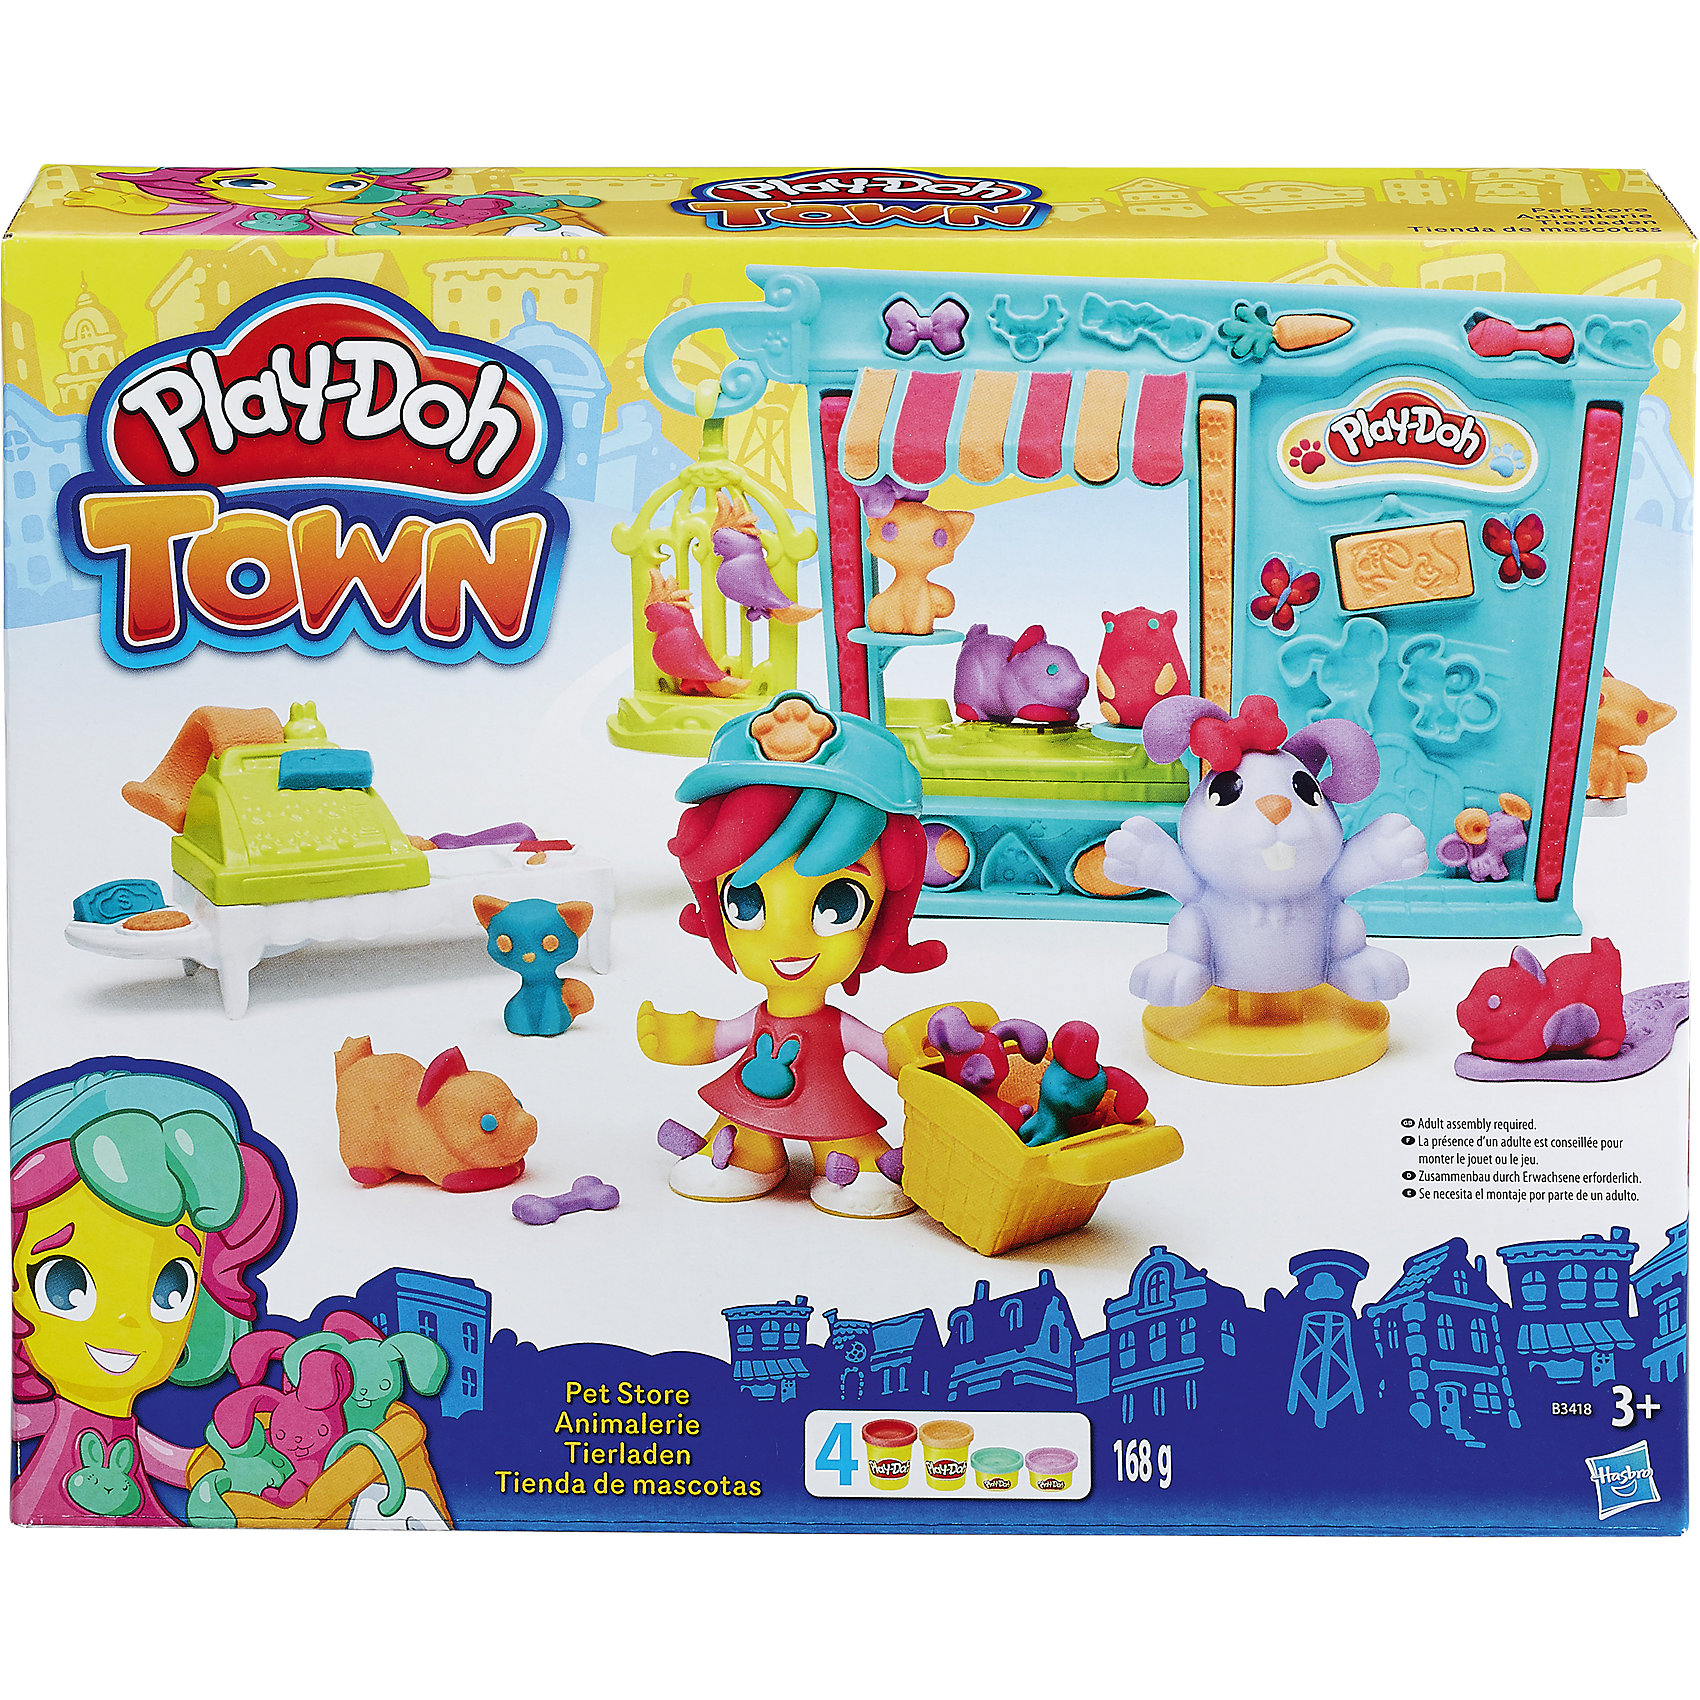 Hasbro Игровой набор Магазинчик домашних питомцев, Play-Doh  Город hasbro play doh игровой набор из 3 цветов цвета в ассортименте с 2 лет